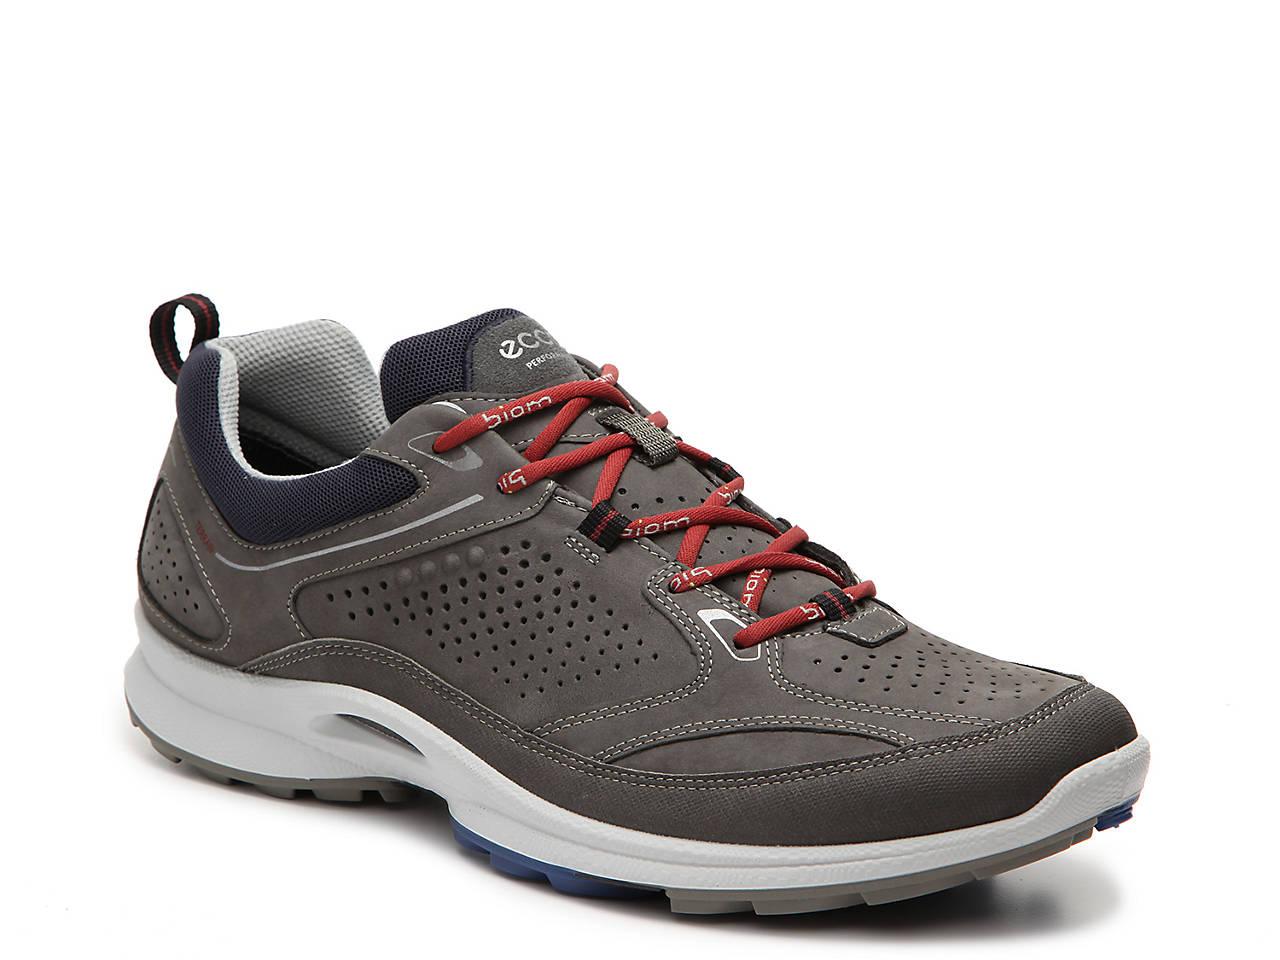 390e9390c650 ECCO Biom Ultra Plus Trail Running Shoe Men s Shoes